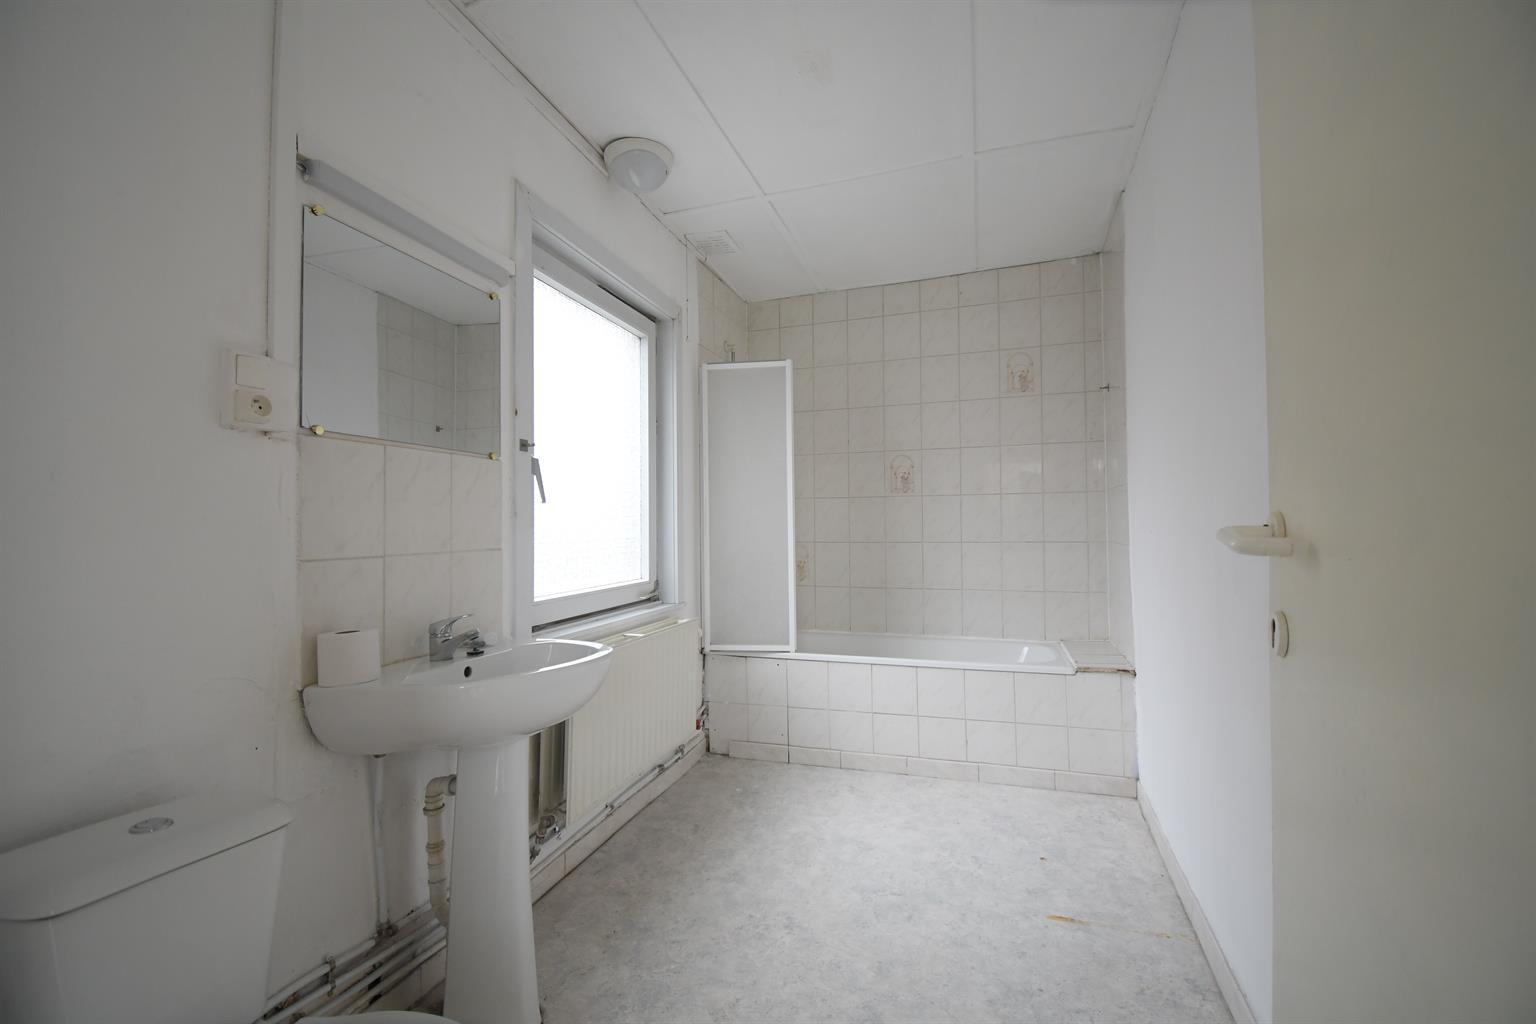 Appartement - Braine-le-Comte - #4407219-7